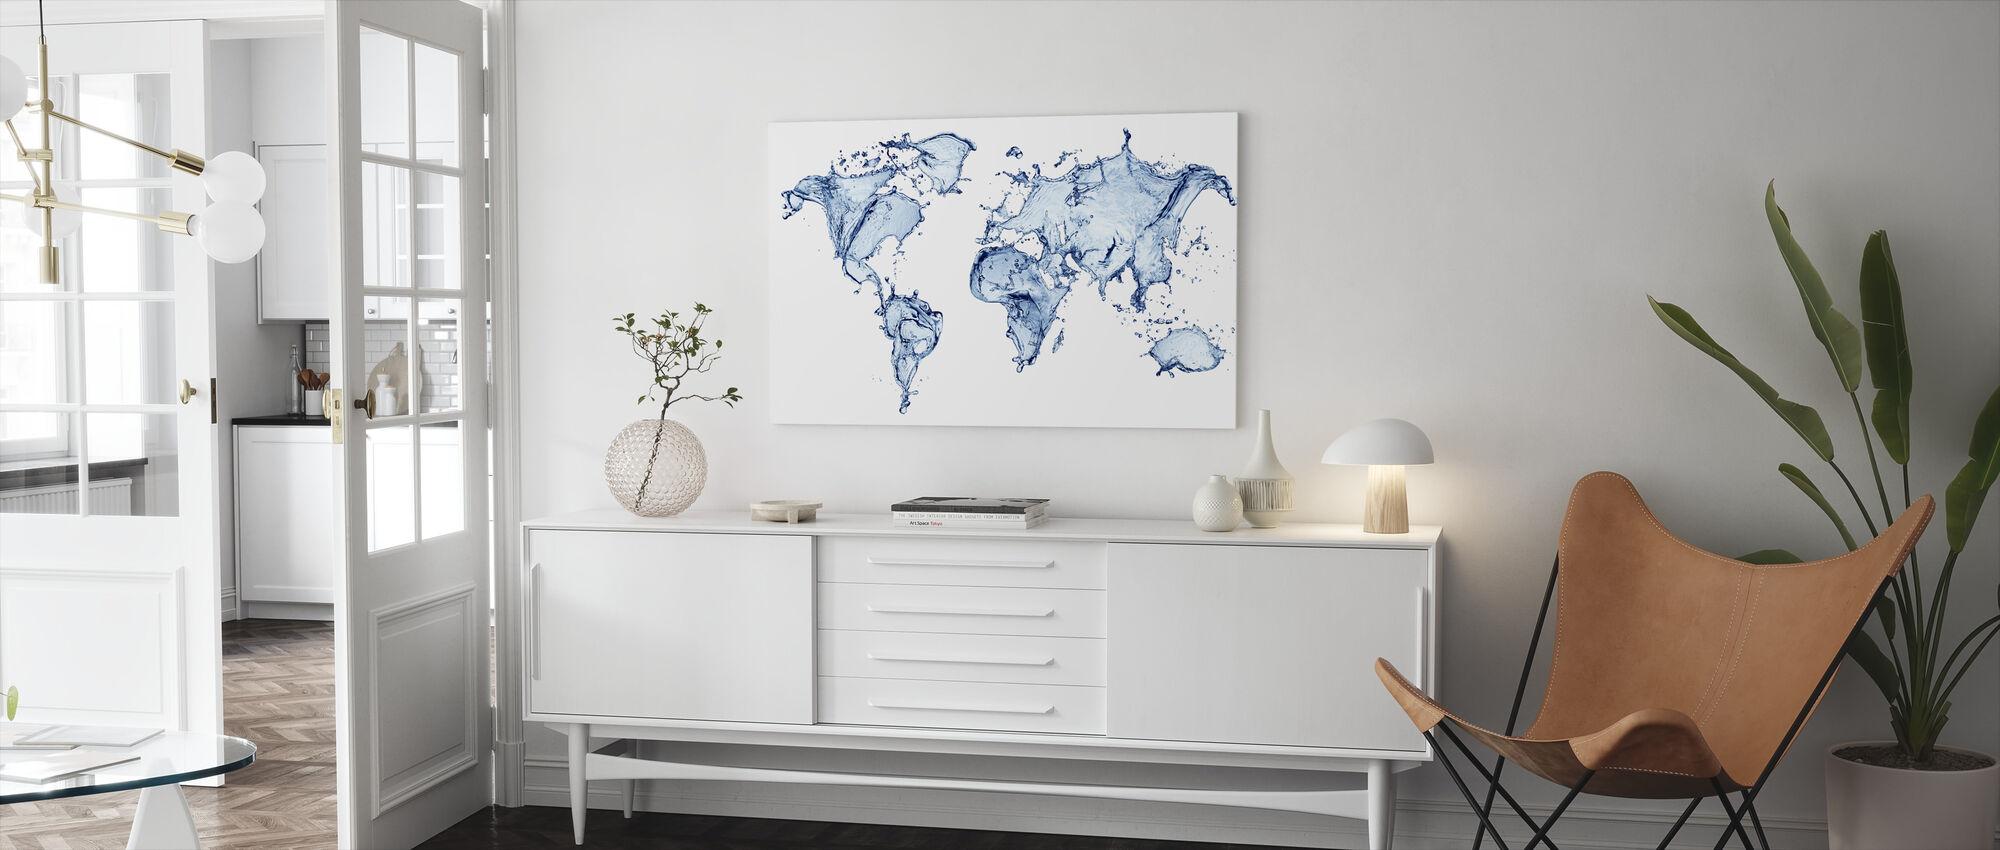 Vatten Världen - Canvastavla - Vardagsrum